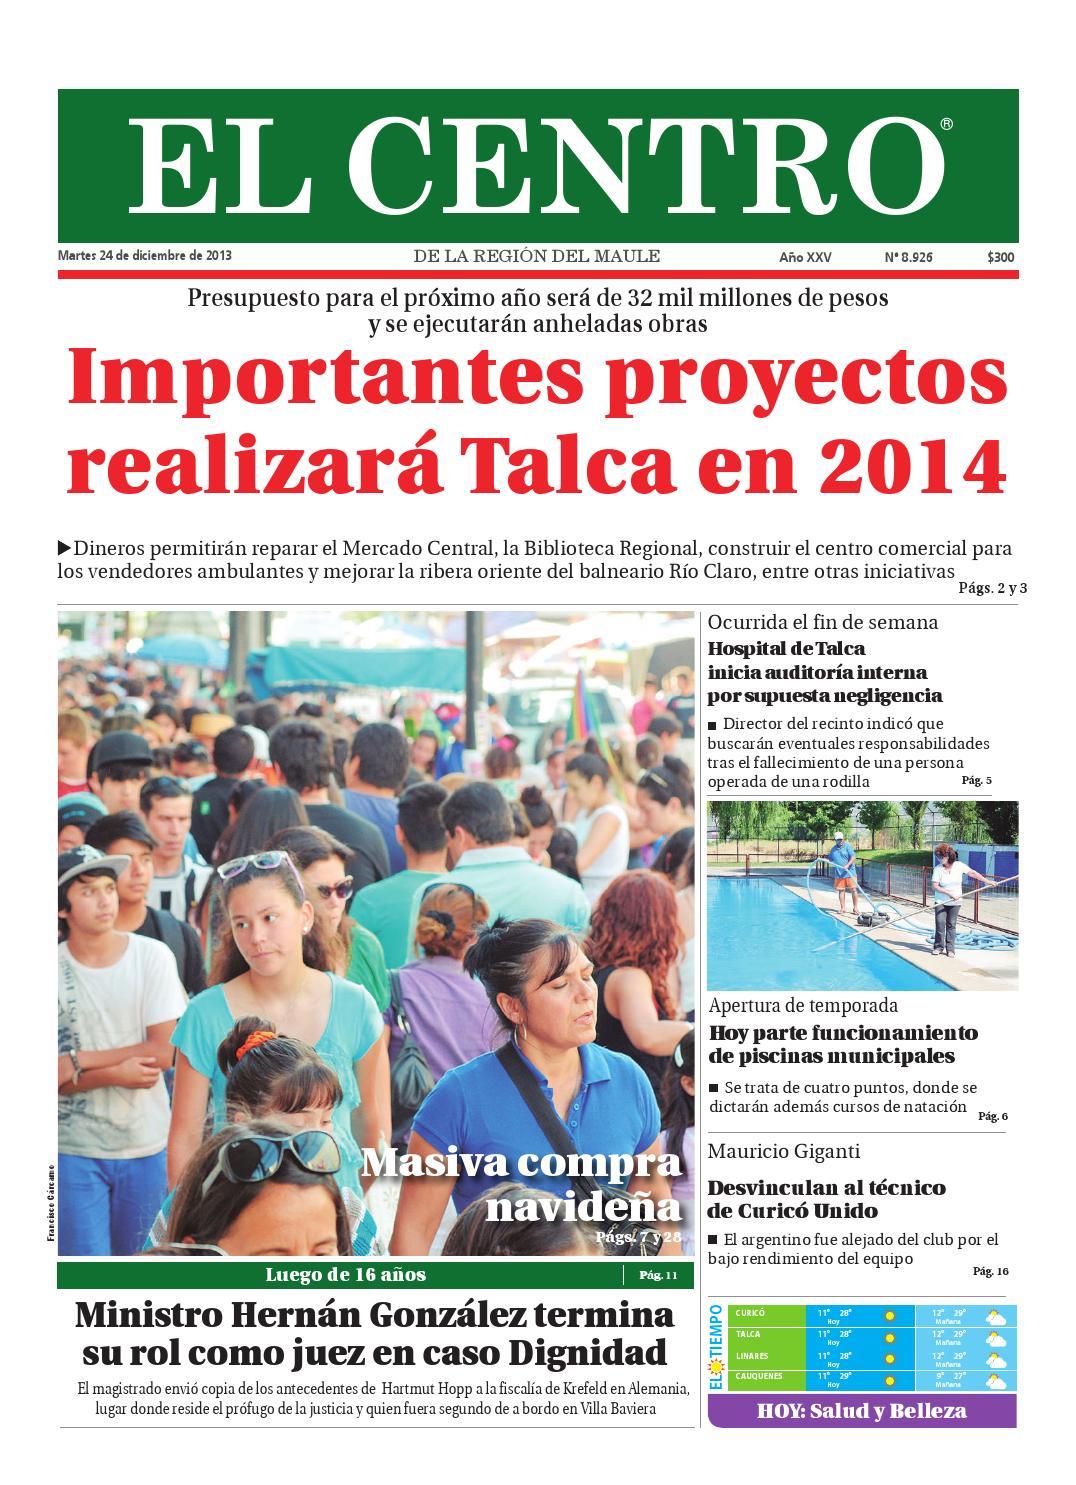 Diario 24 12 2013 By Diario El Centro S A Issuu Ya , llego el albertano , escondan a sus hermanas que se van a enamorar !!! diario 24 12 2013 by diario el centro s